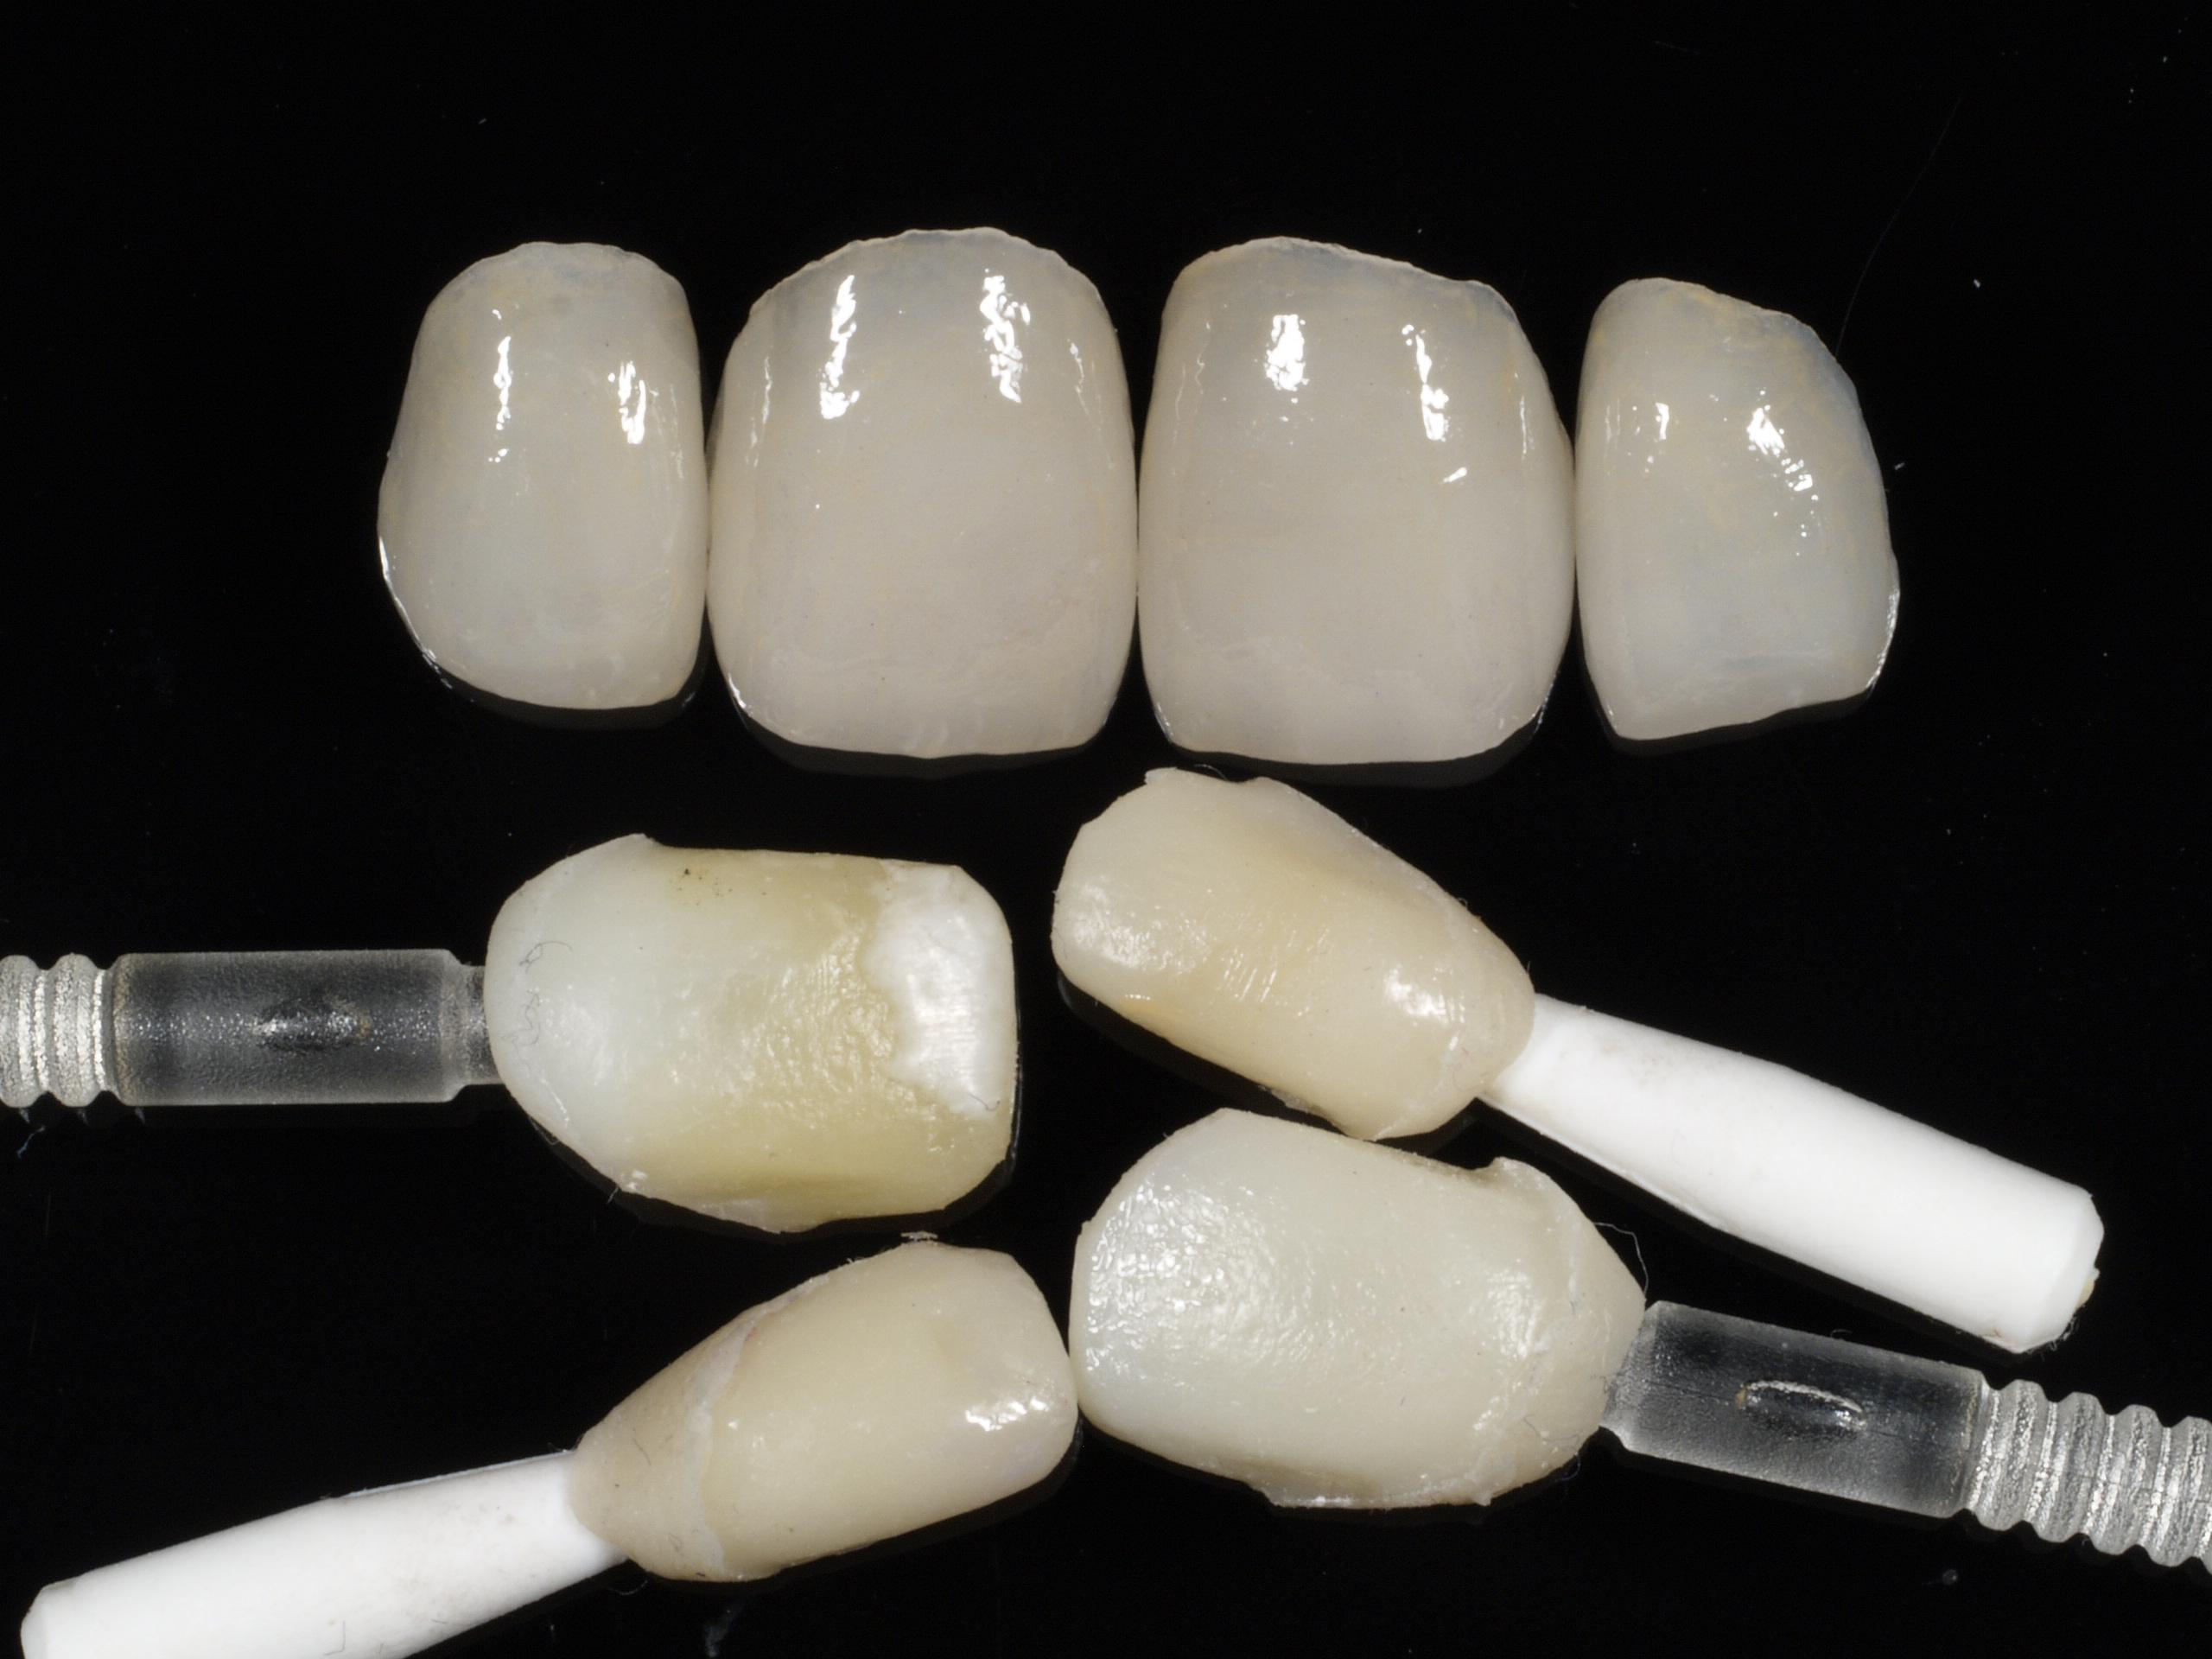 Veneers und kopierte, leicht beschliffene Zähne